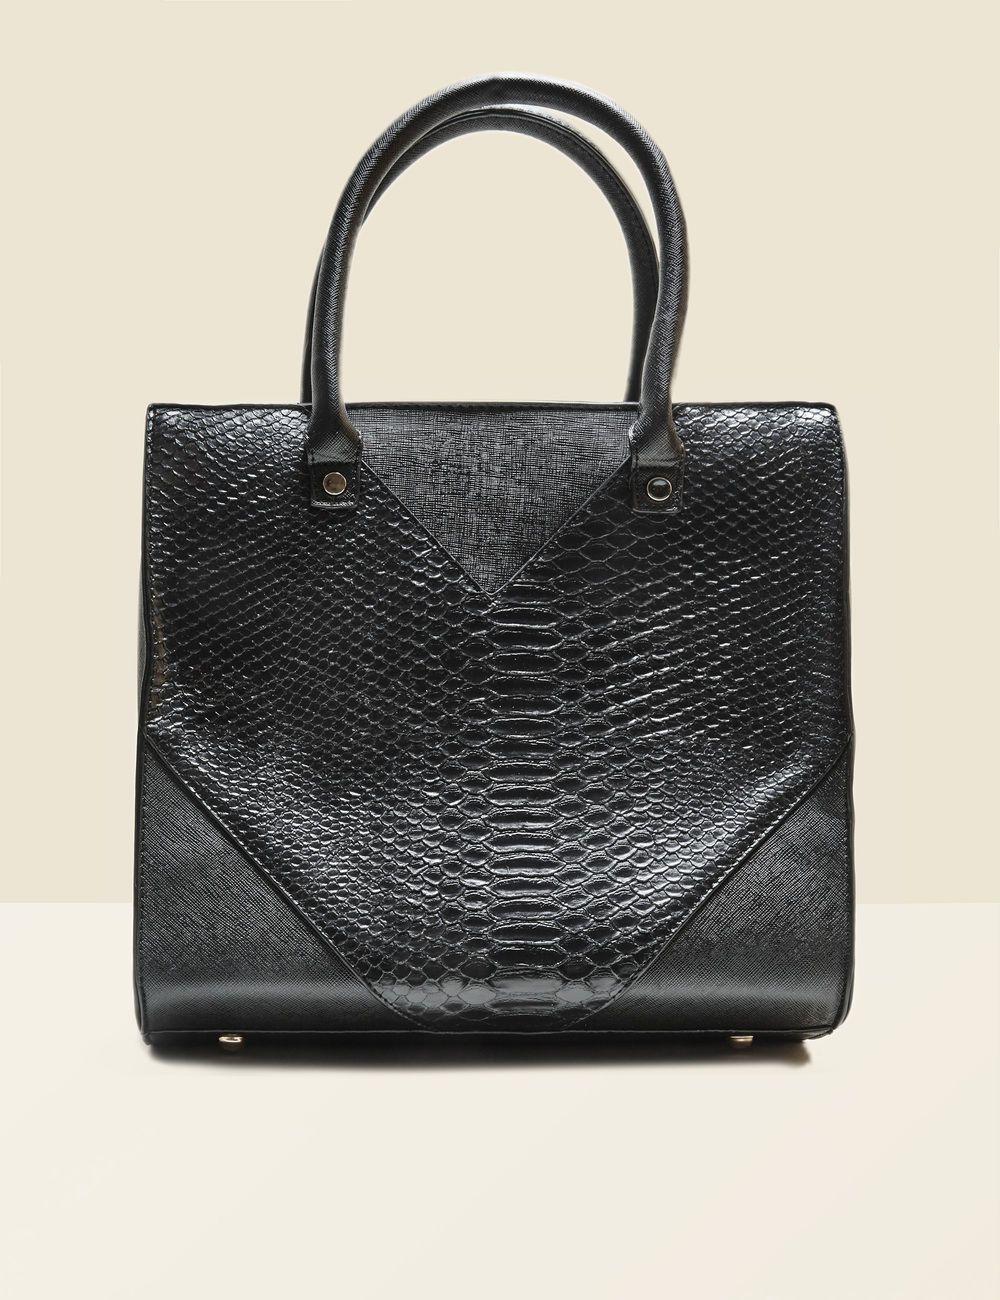 cabas bi-matière noir - http://www.jennyfer.com/fr-fr/accessoires/sacs/cabas-bi-matiere-noir-10009771060.html